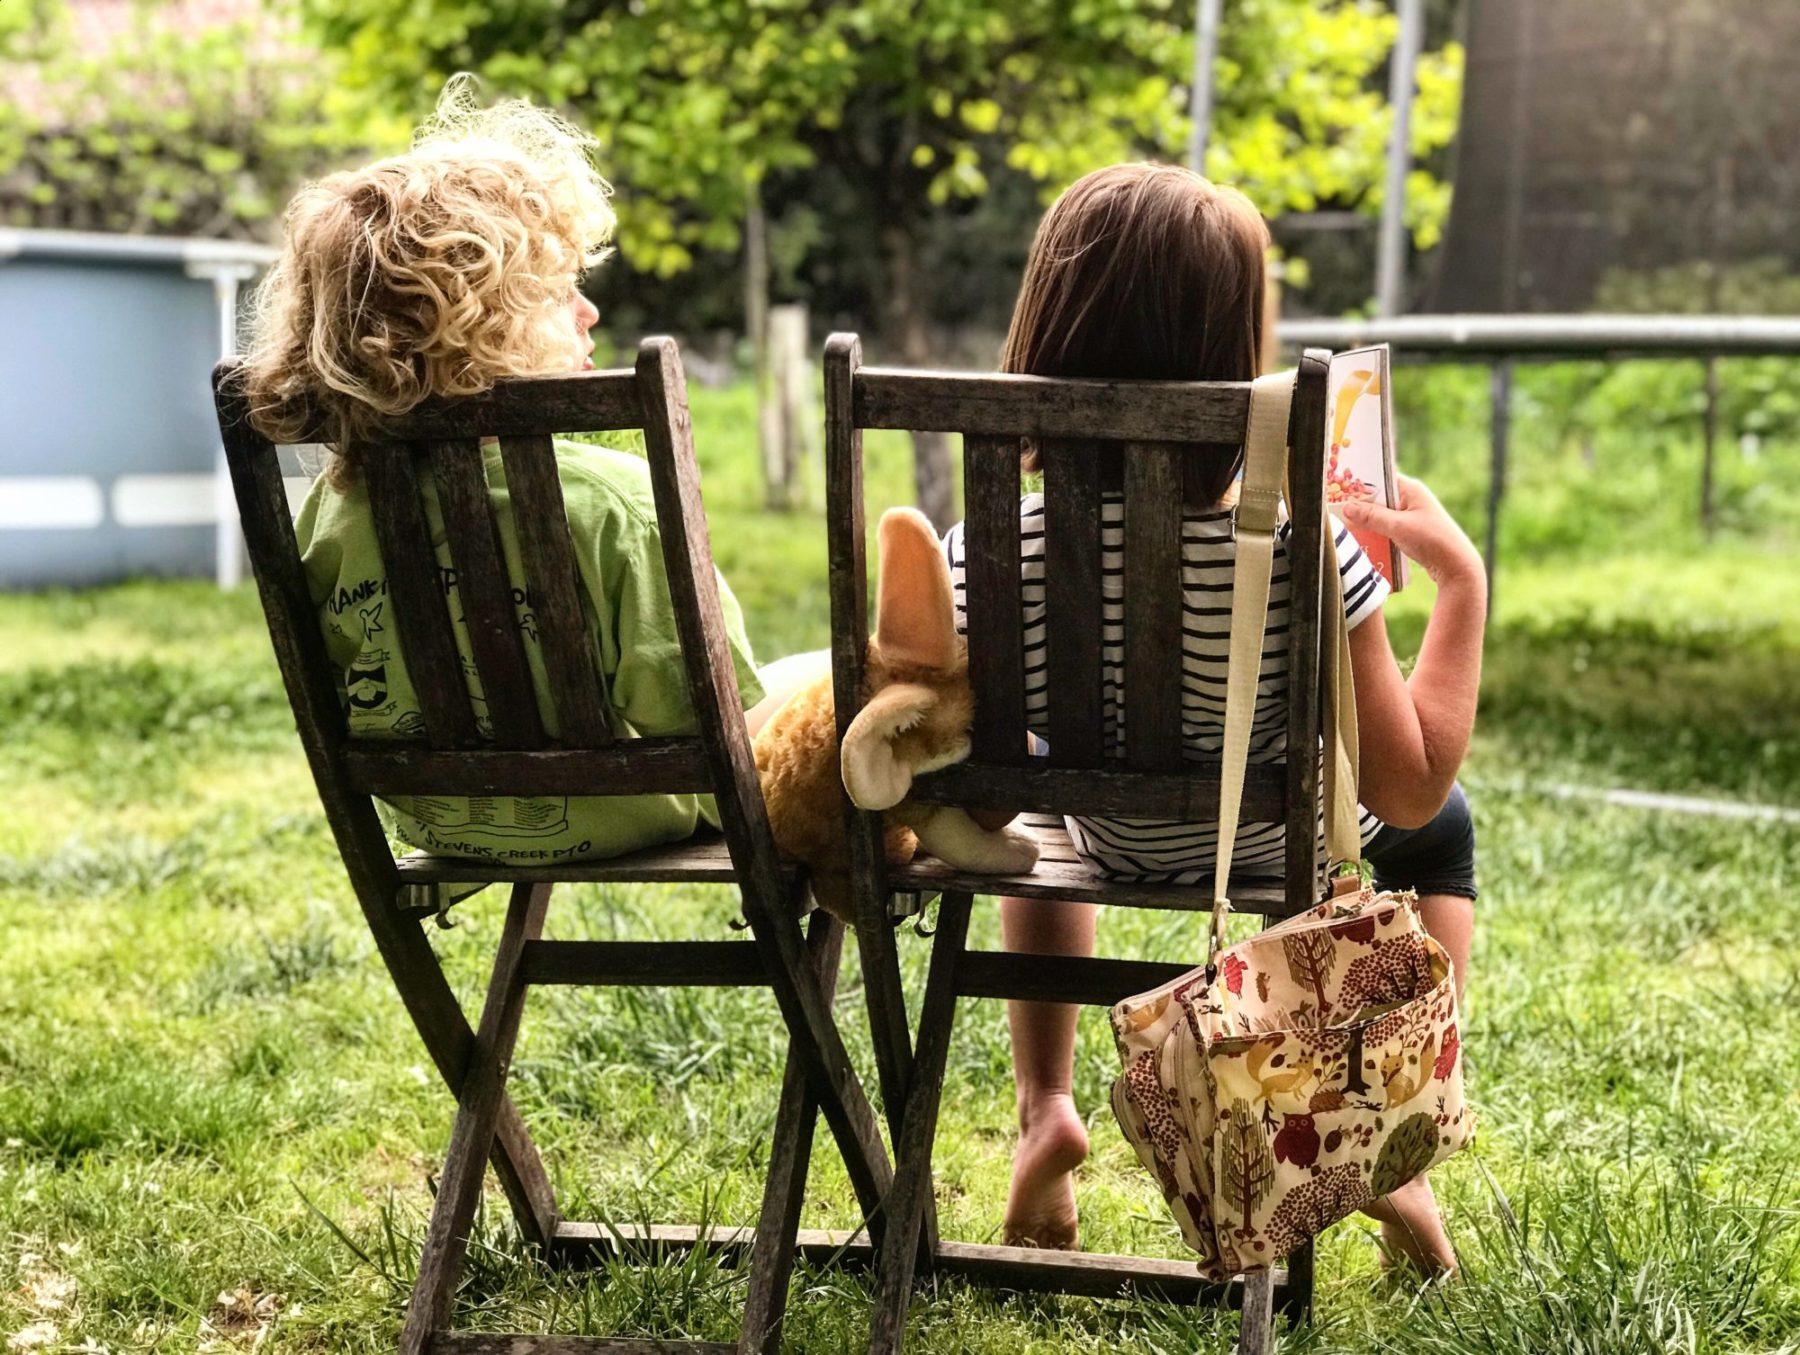 Kaksi lasta istuu puutarhatuoleissa selin kuvaajaan.